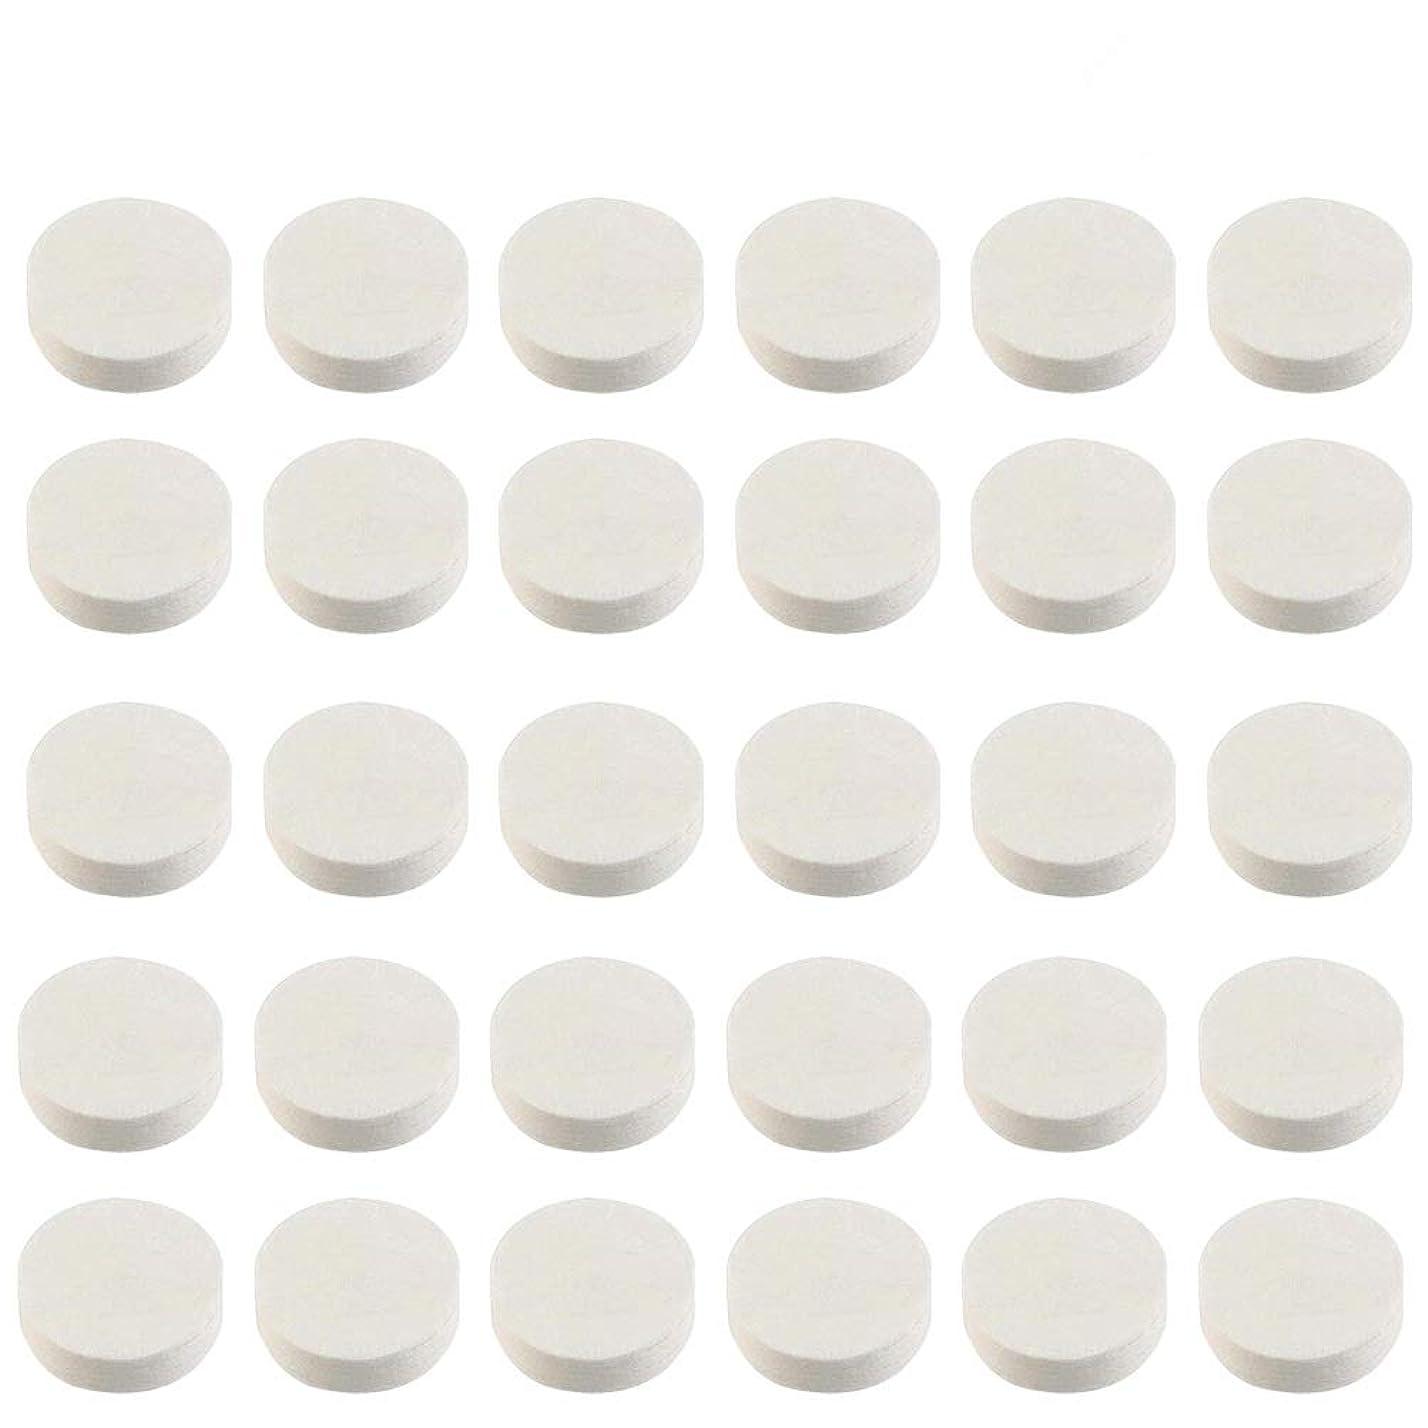 ルーキーベッド対象WINOMO 圧縮マスク 圧縮フェイスパック 圧縮マスクシート スキンケア DIY美容マスク ランダムカラー 30枚入り 携帯便利 使い捨て